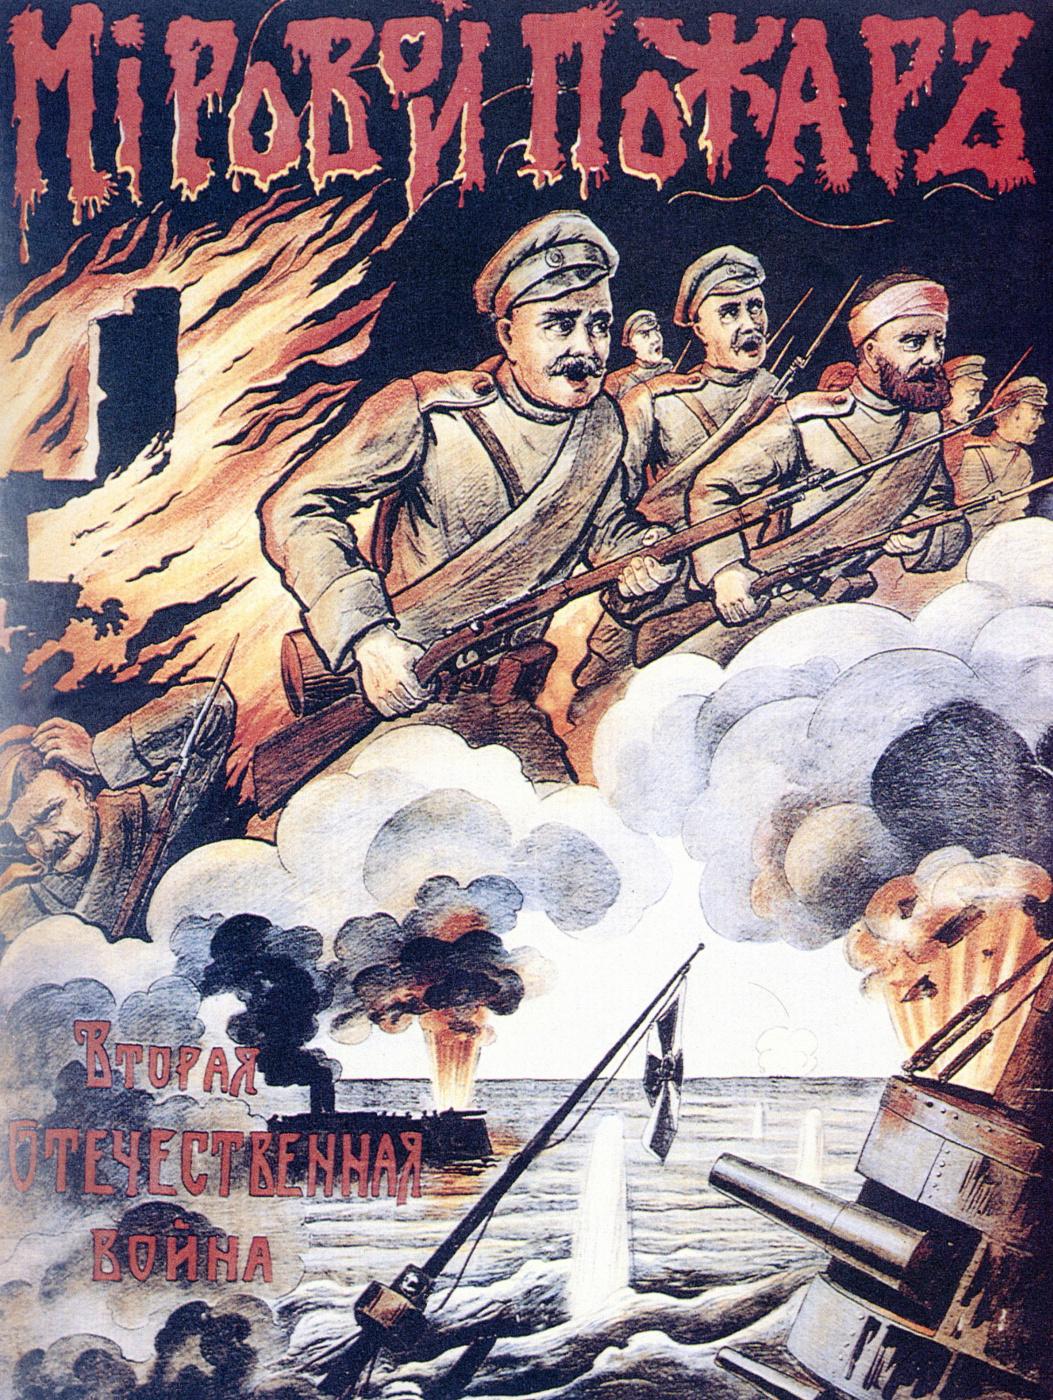 Unknown artist. World fire. Second World War